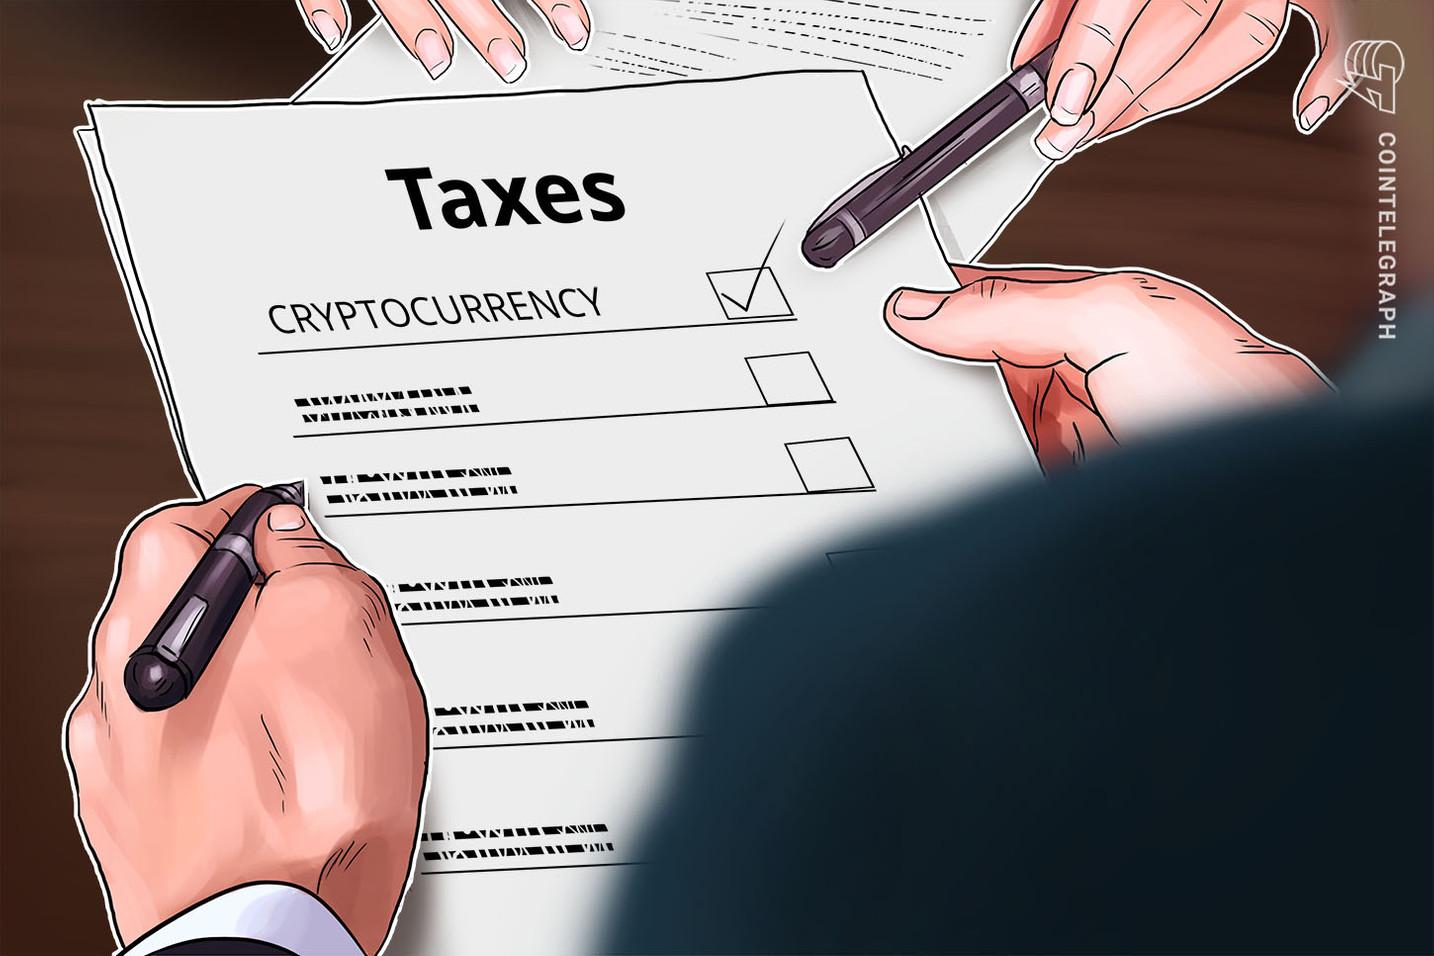 Umfrage: Zwei Drittel aller Anleger befürworten Besteuerung von Kryptowährungen